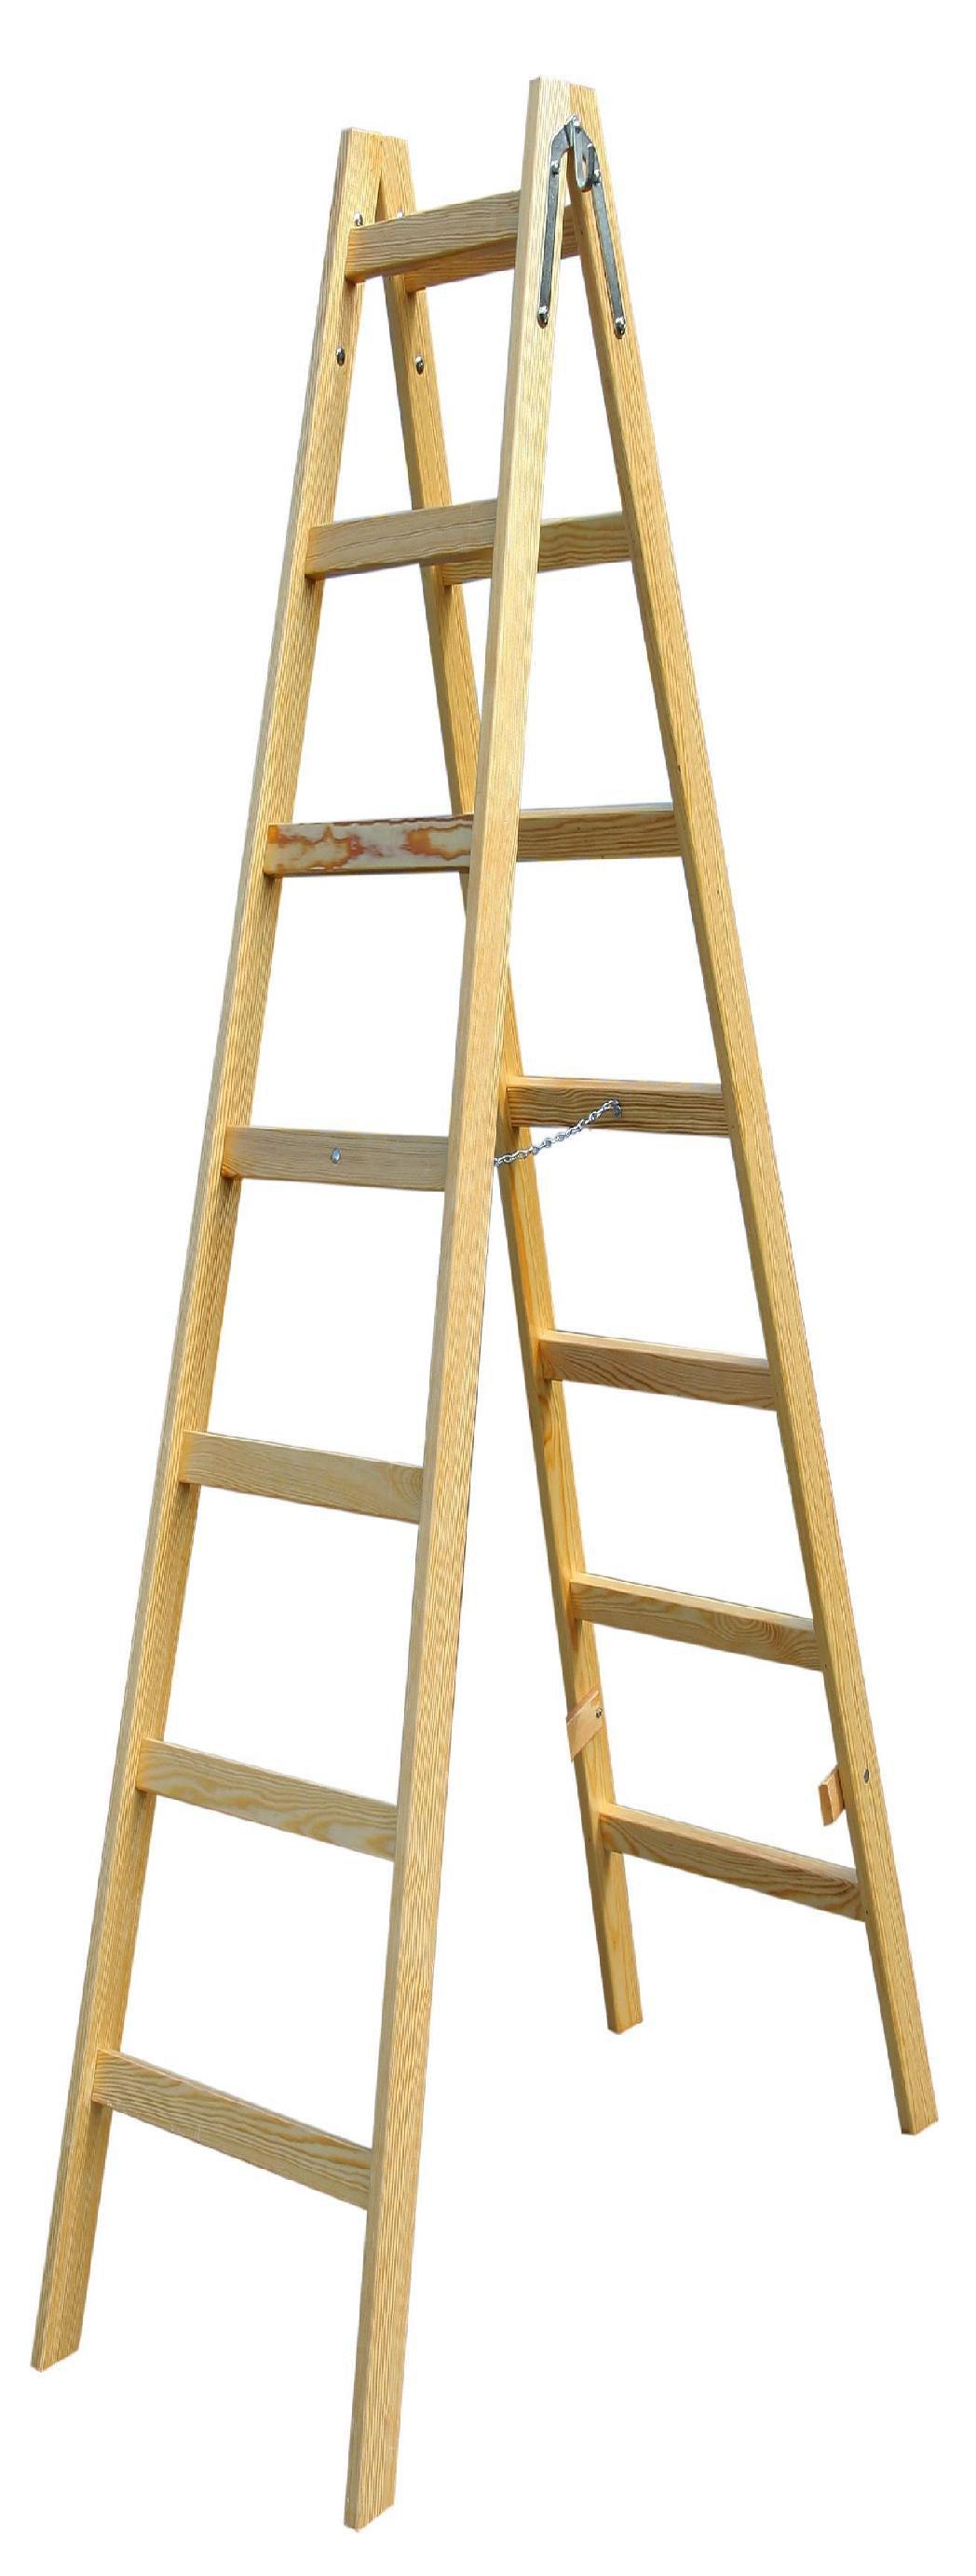 Escaleras de madera para pintor escalera de maderas para for Escaleras pintor precios